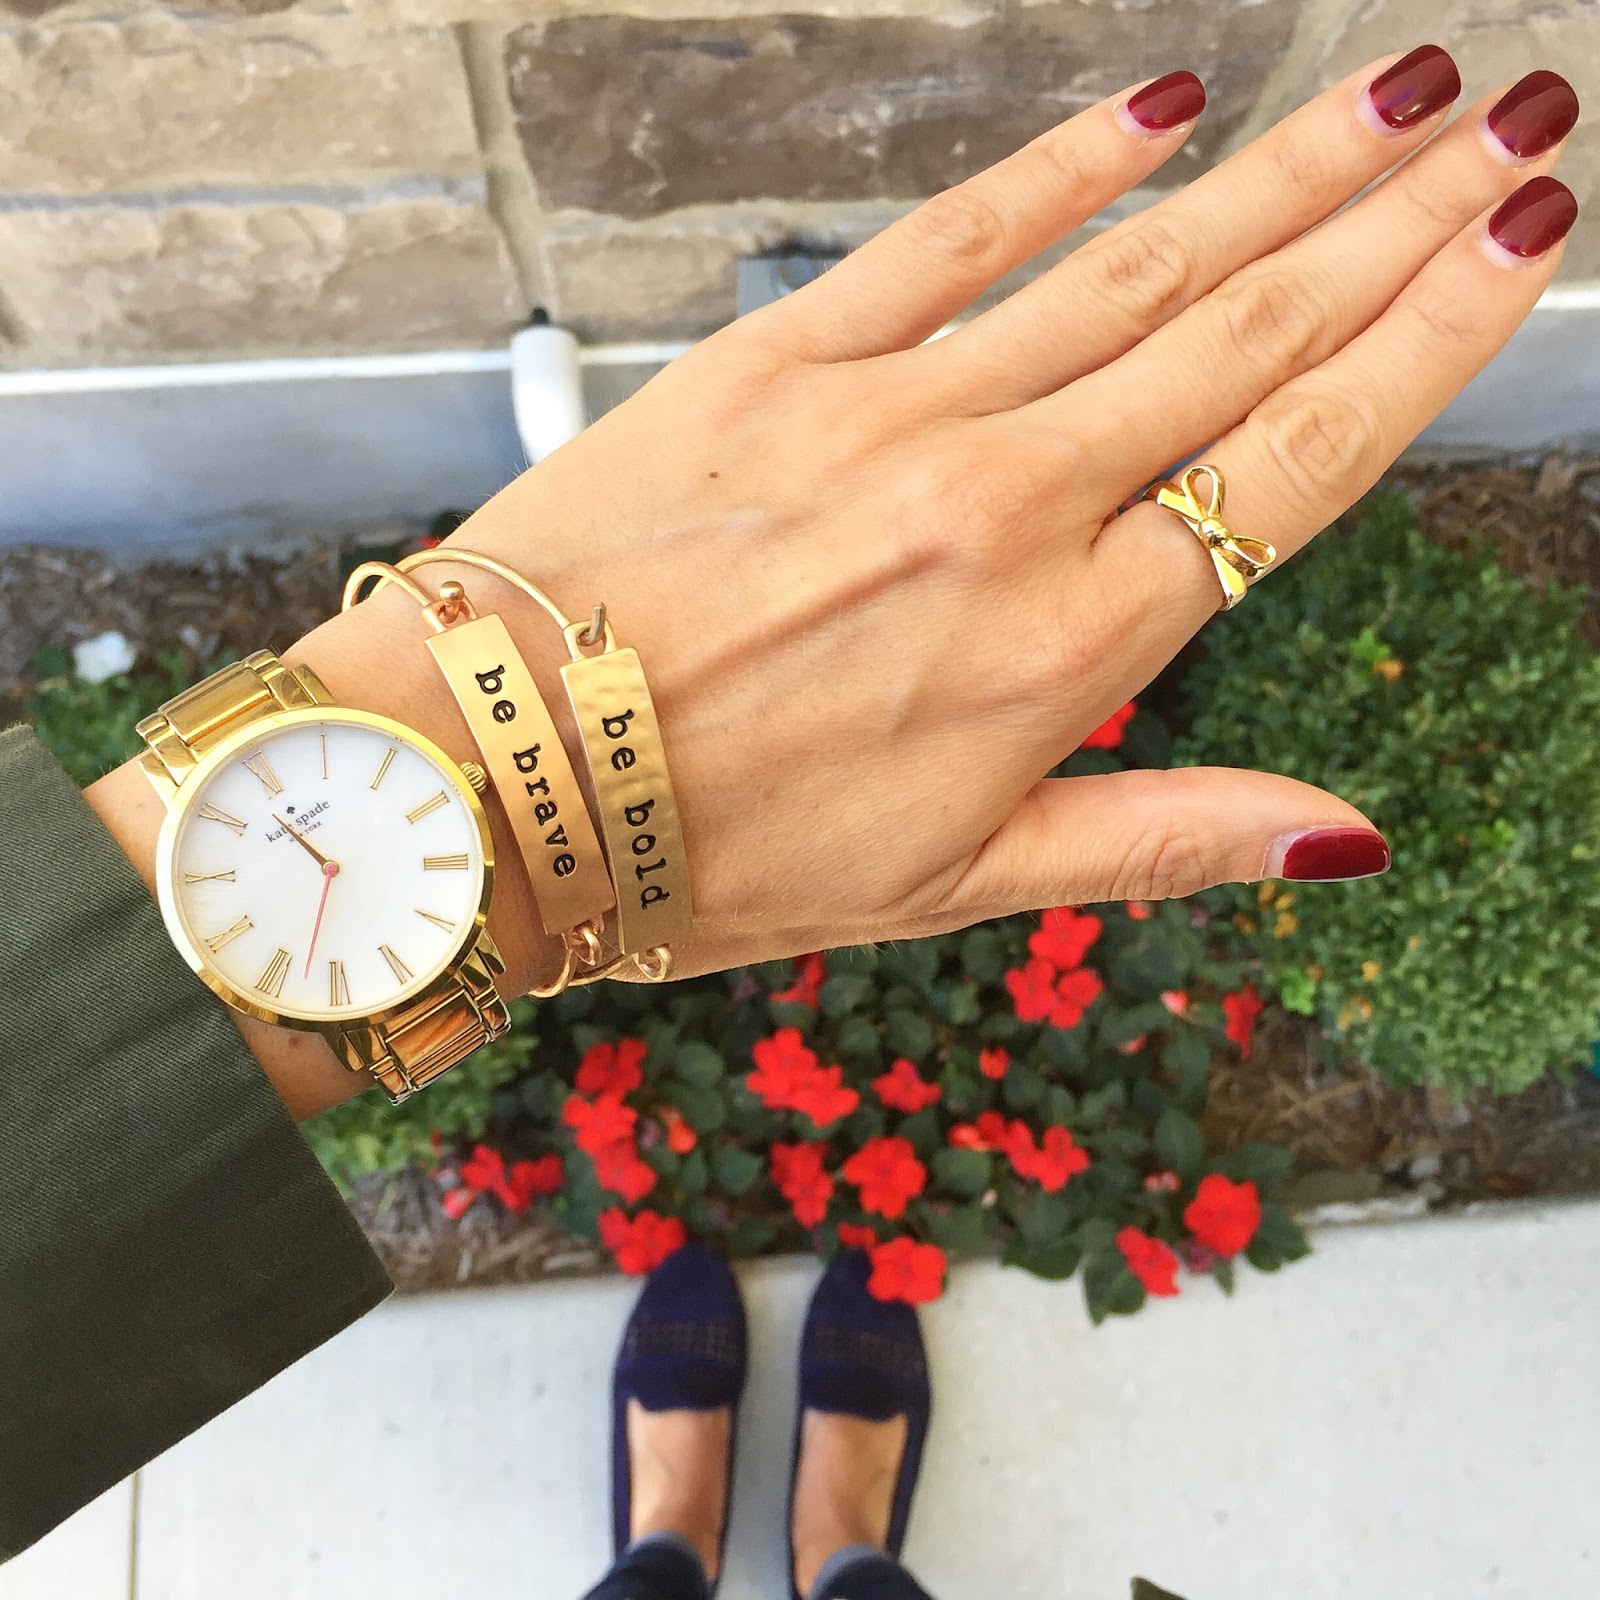 Positive Bracelets